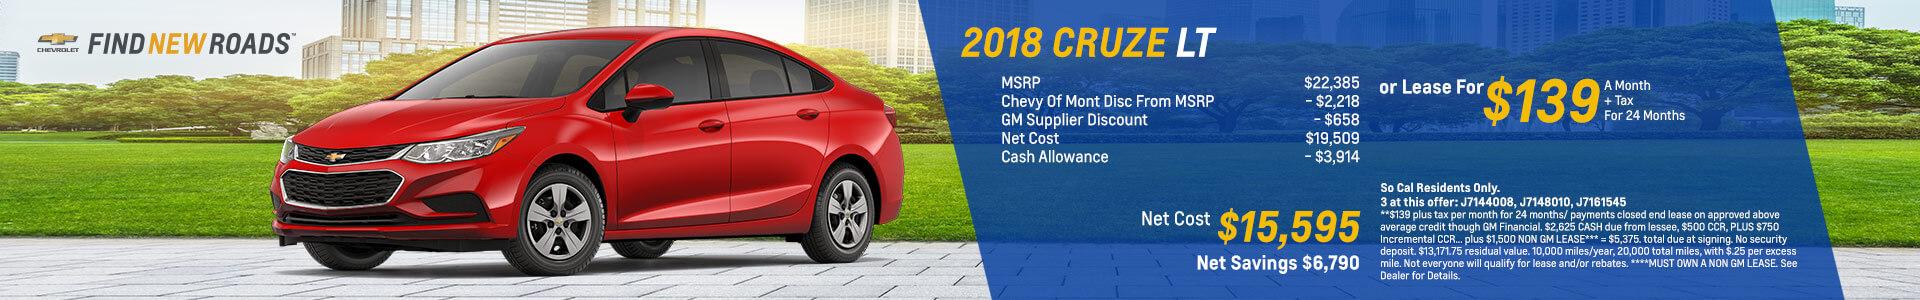 2018 Cruz LT